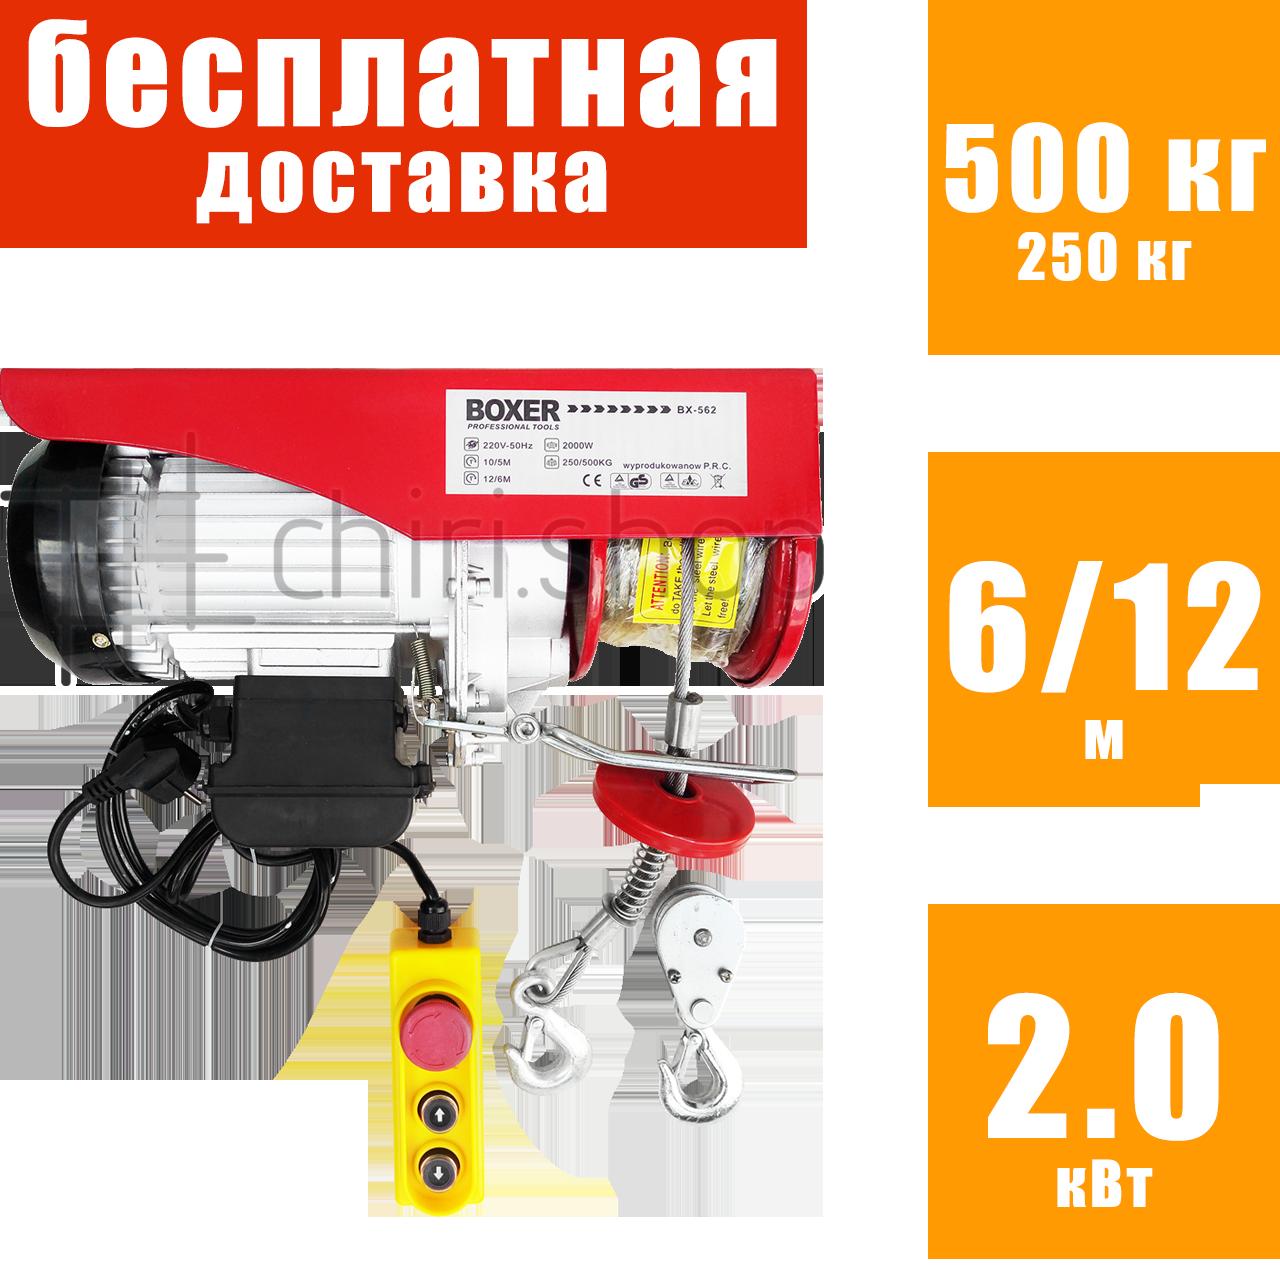 Тельфер электрический 250/500 кг 12/6 м Boxer BX-562, лебёдка электрическая канатная электроталь